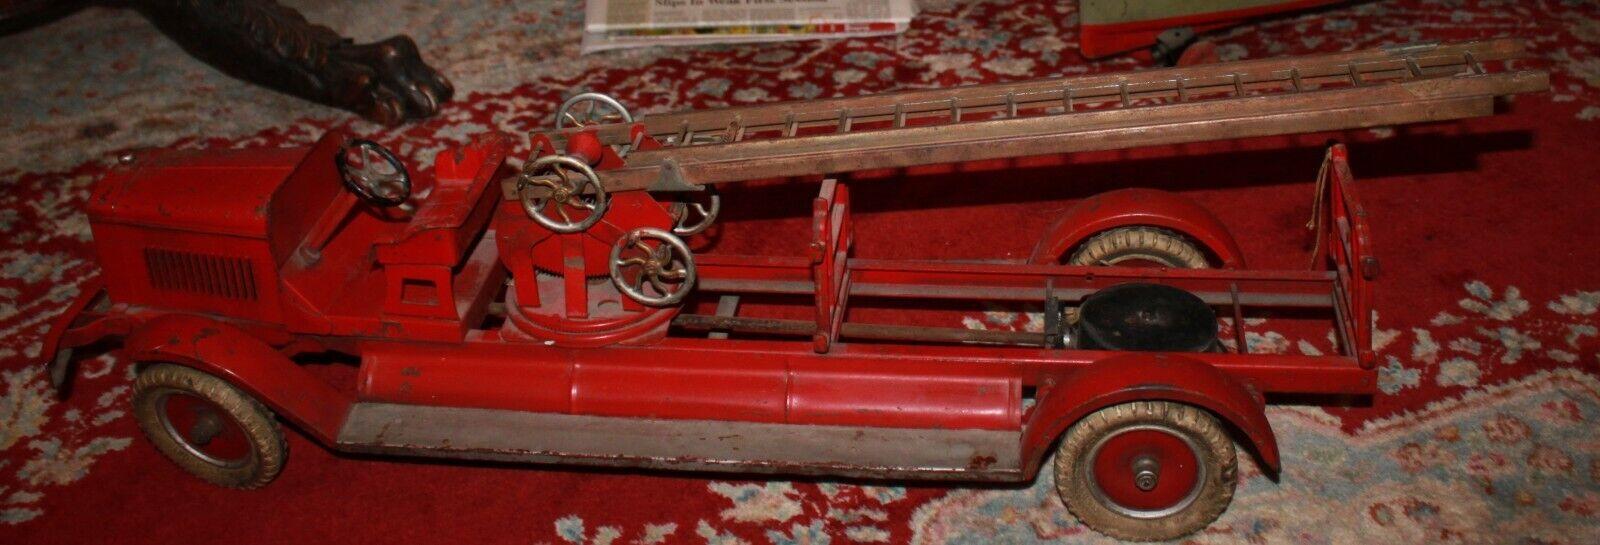 1930S de Kingsbury escalera de incendios escalera camión Todo Original falta lado escaleras